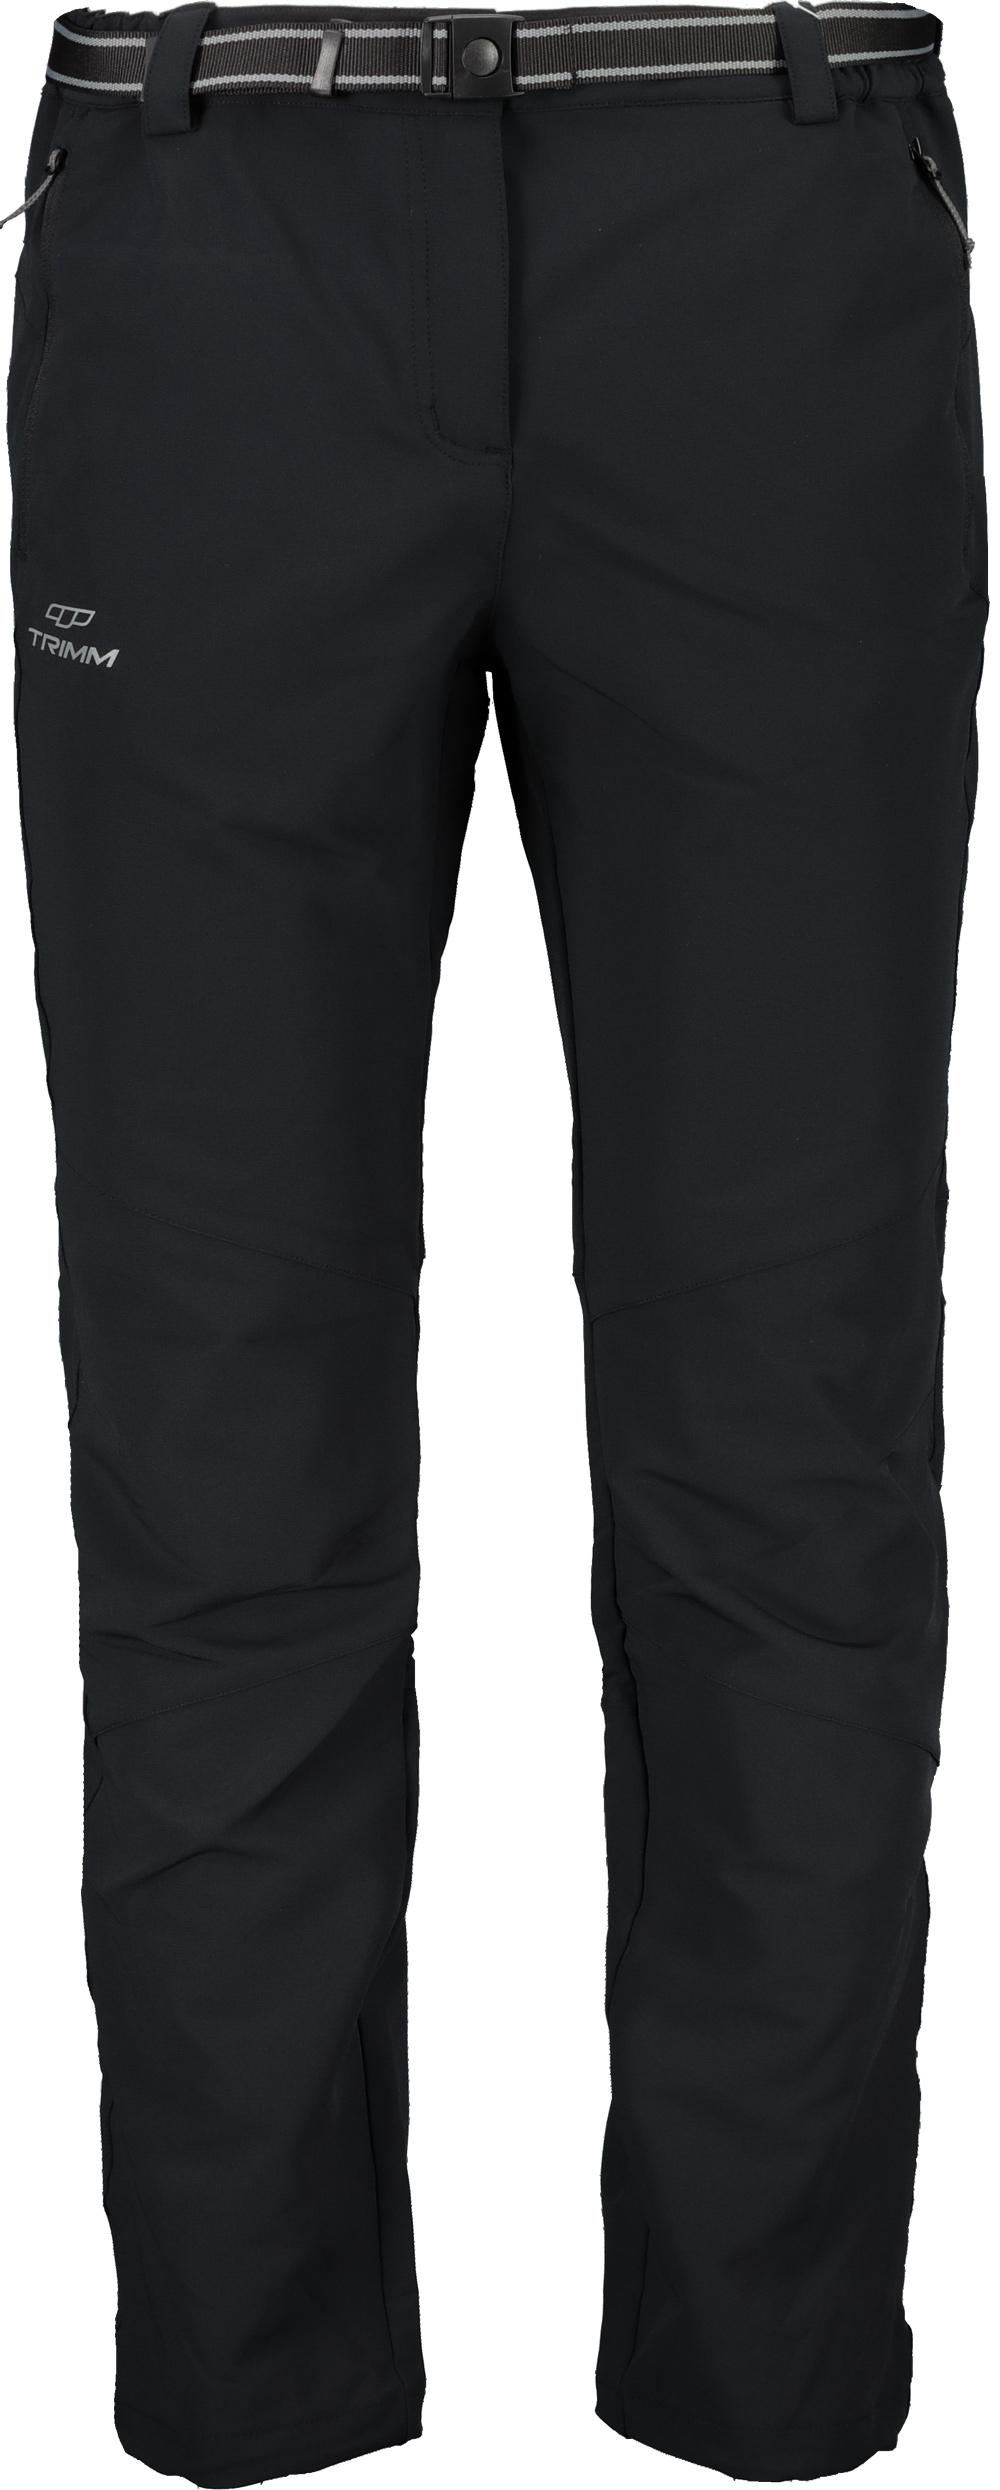 Kalhoty outdoorové dámské TRIMM CALDA